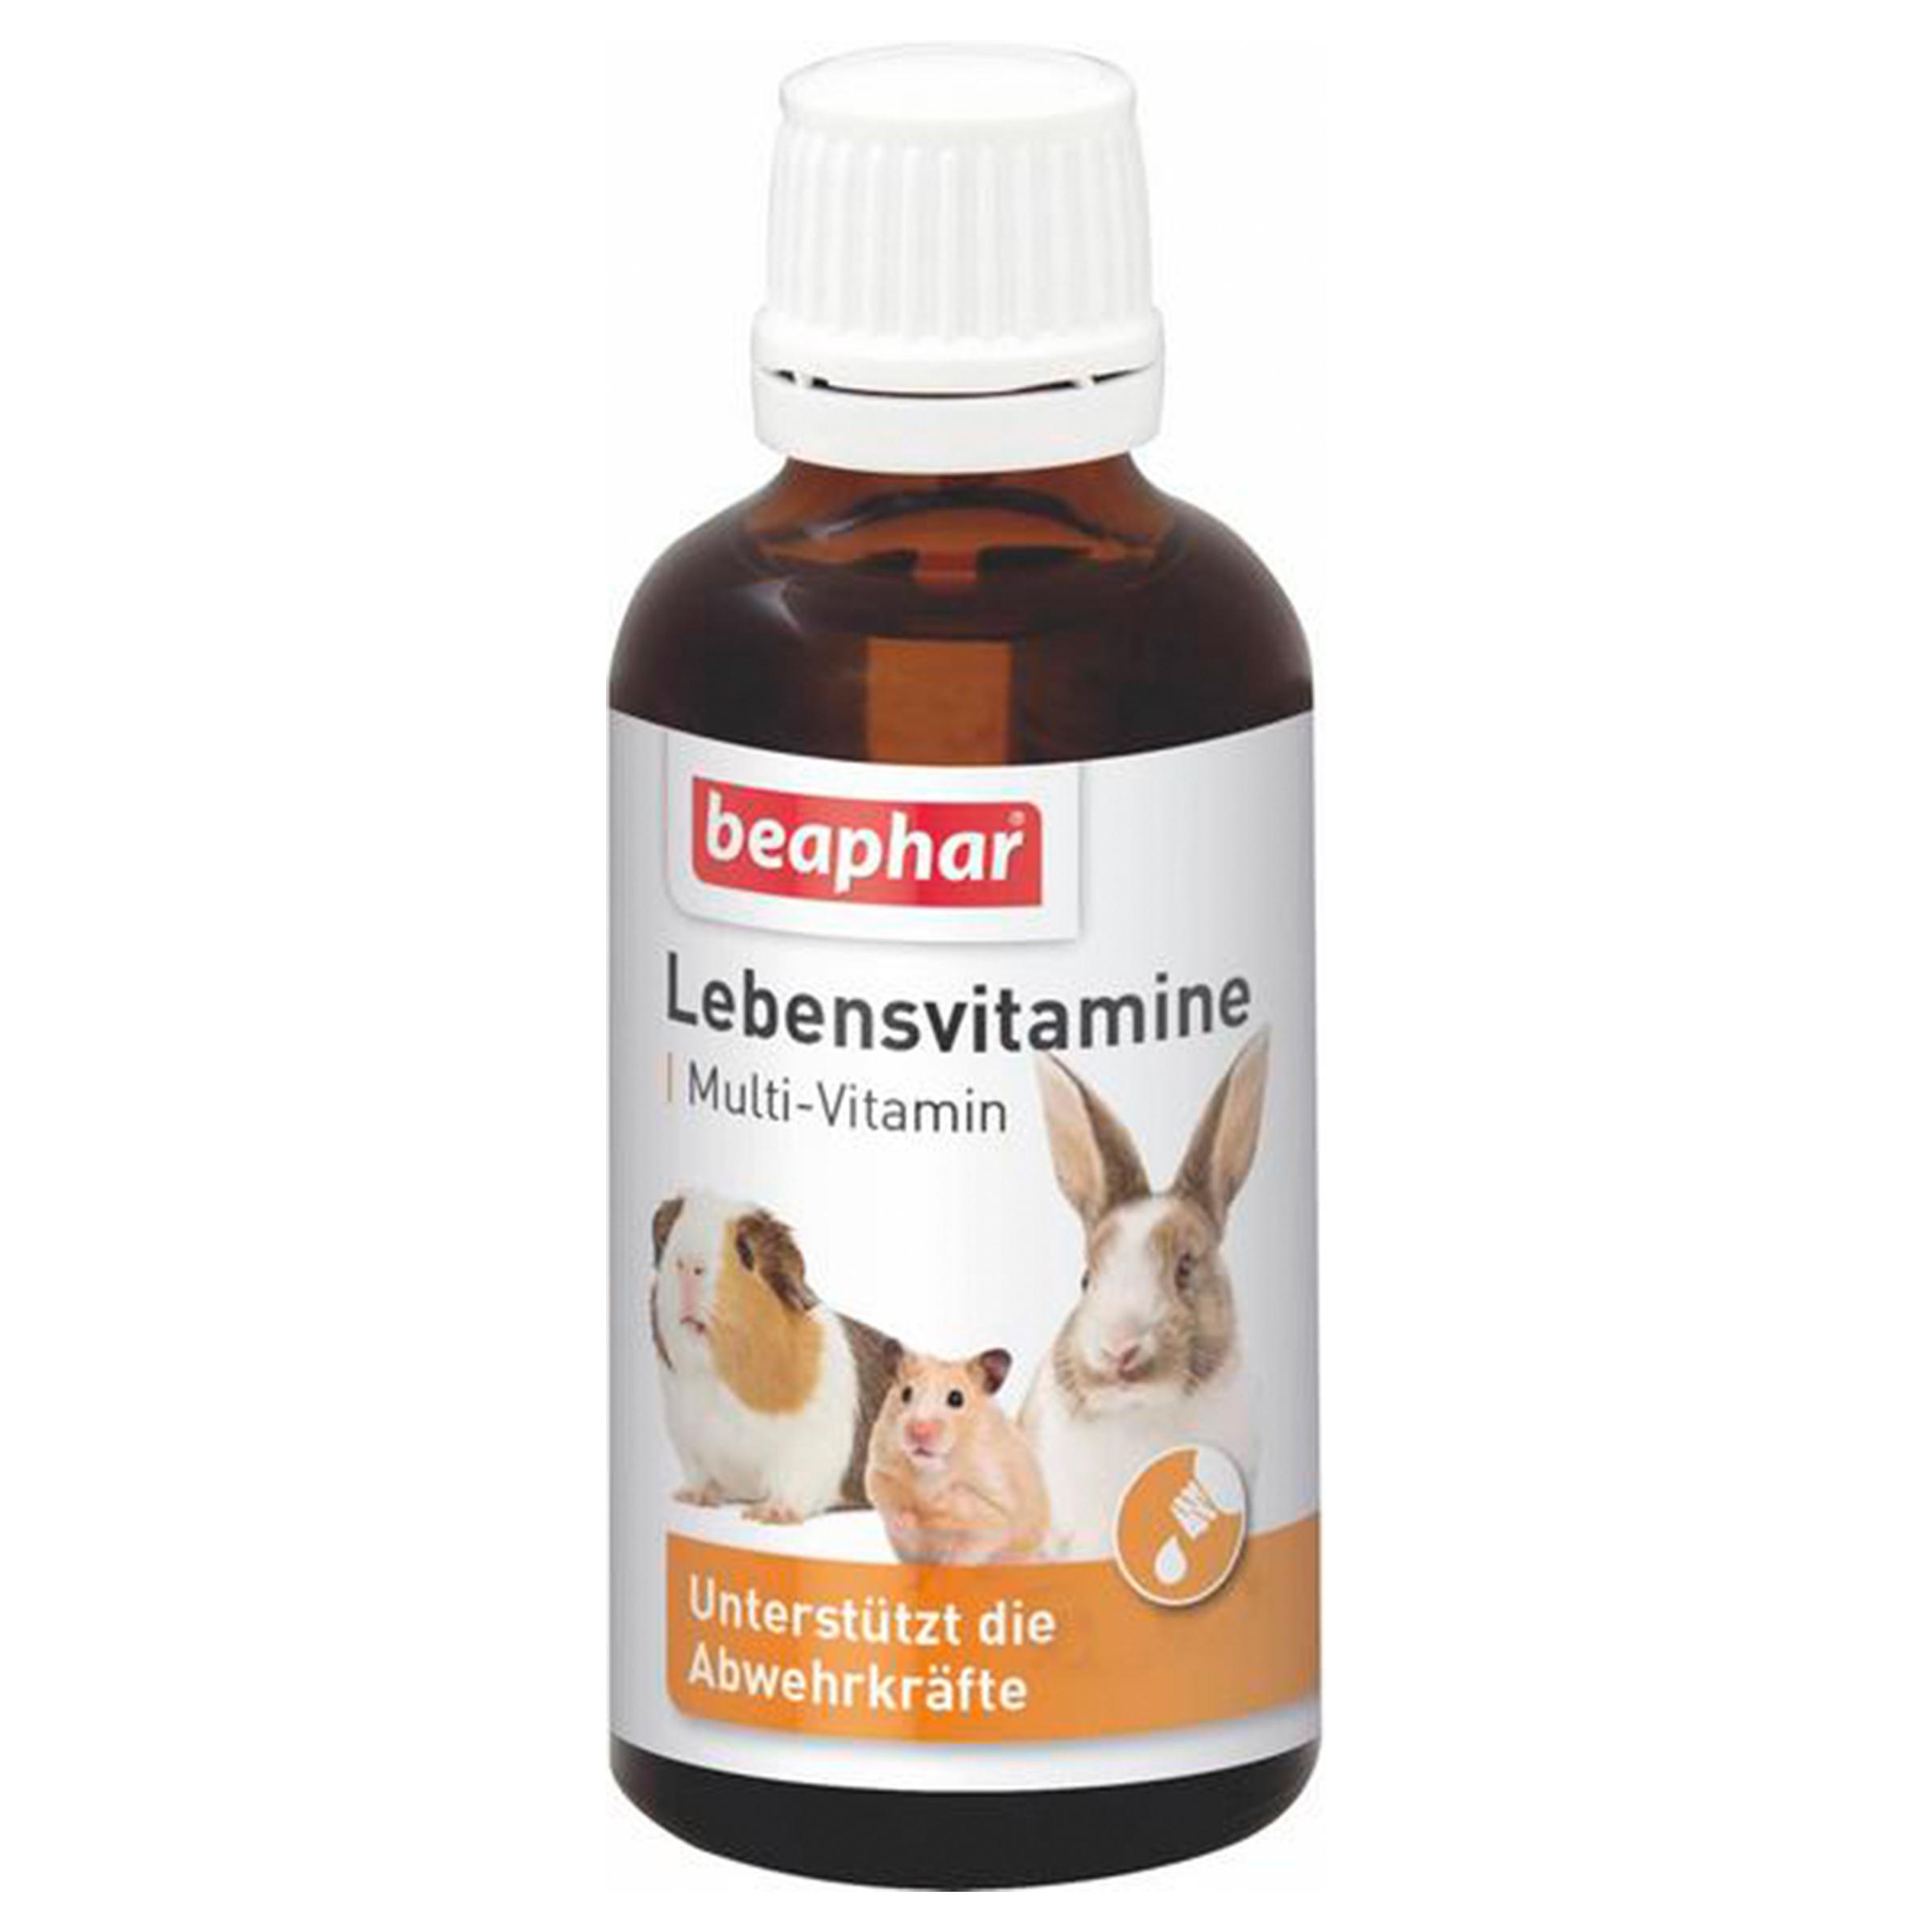 Image of beaphar Lebensvitamine Kleinnager 50ml